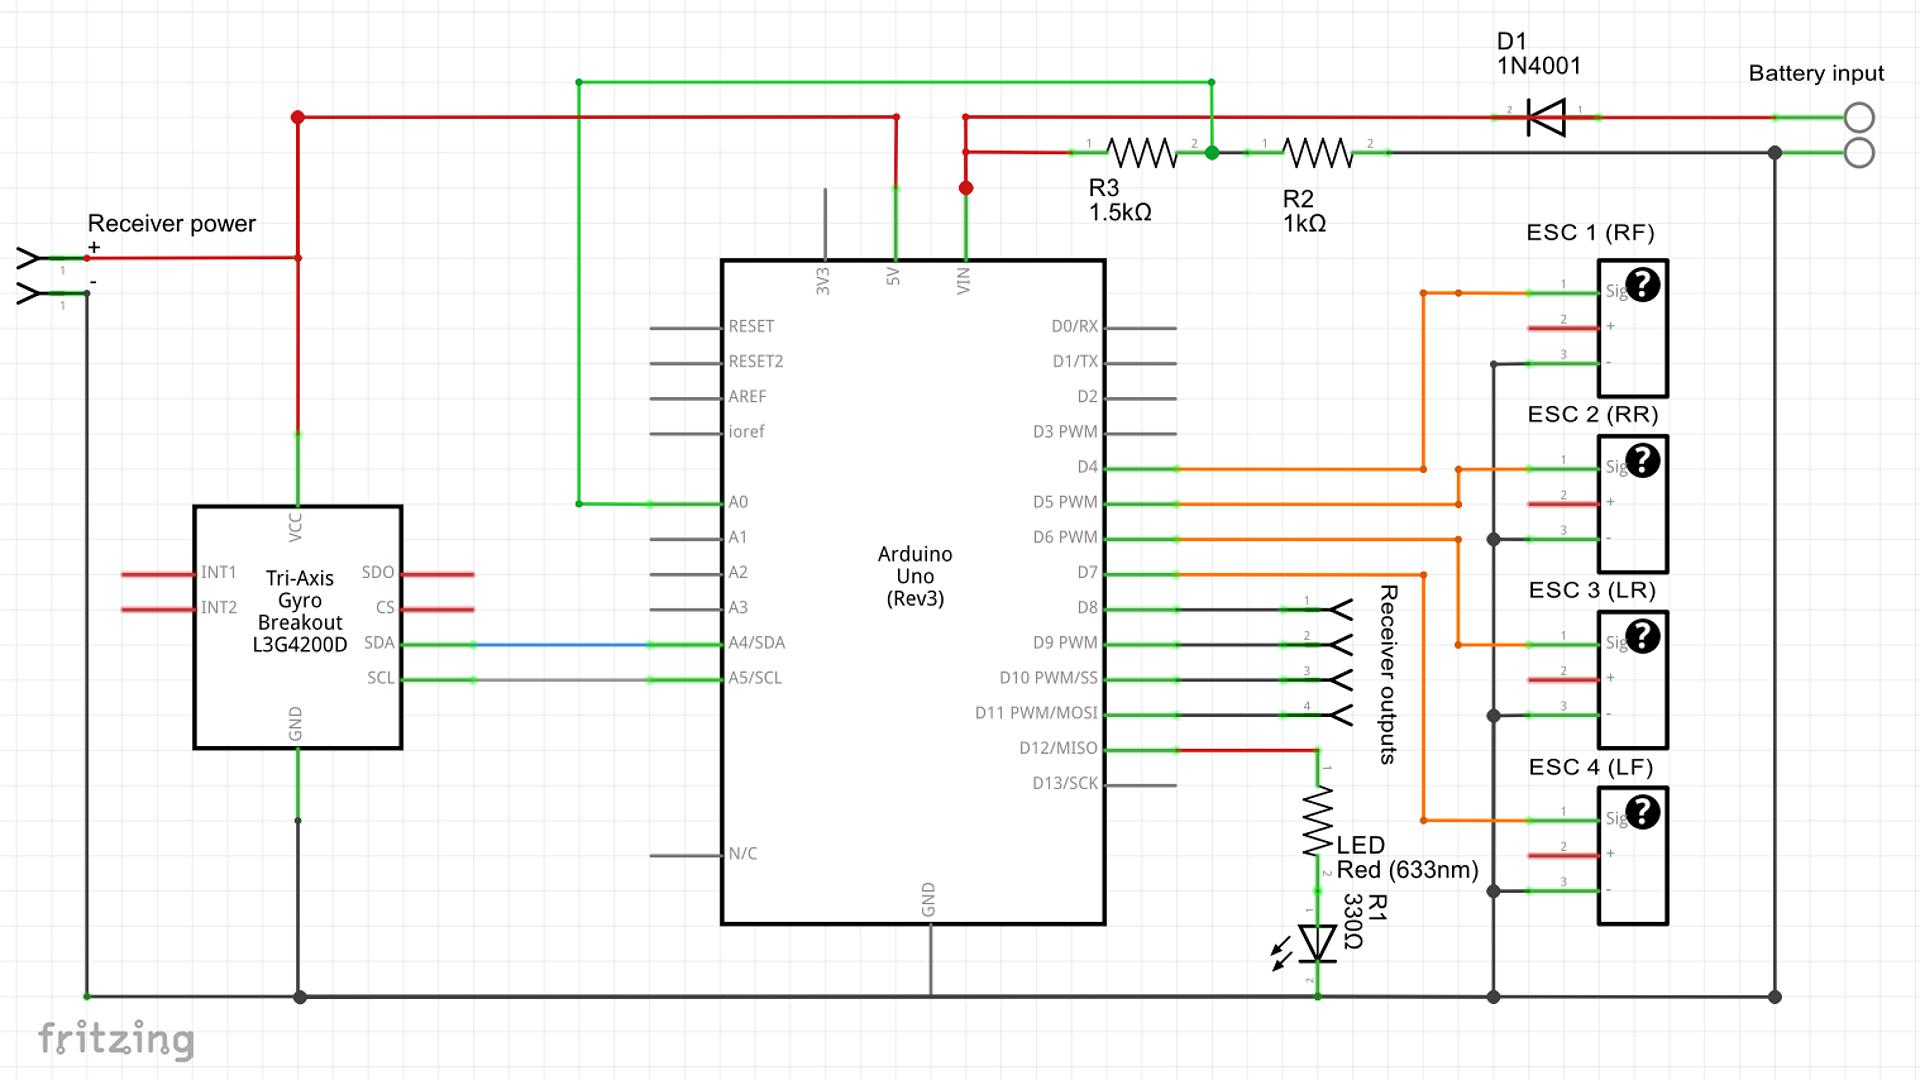 Avr Schematic on Quadcopter Arduino Schematic